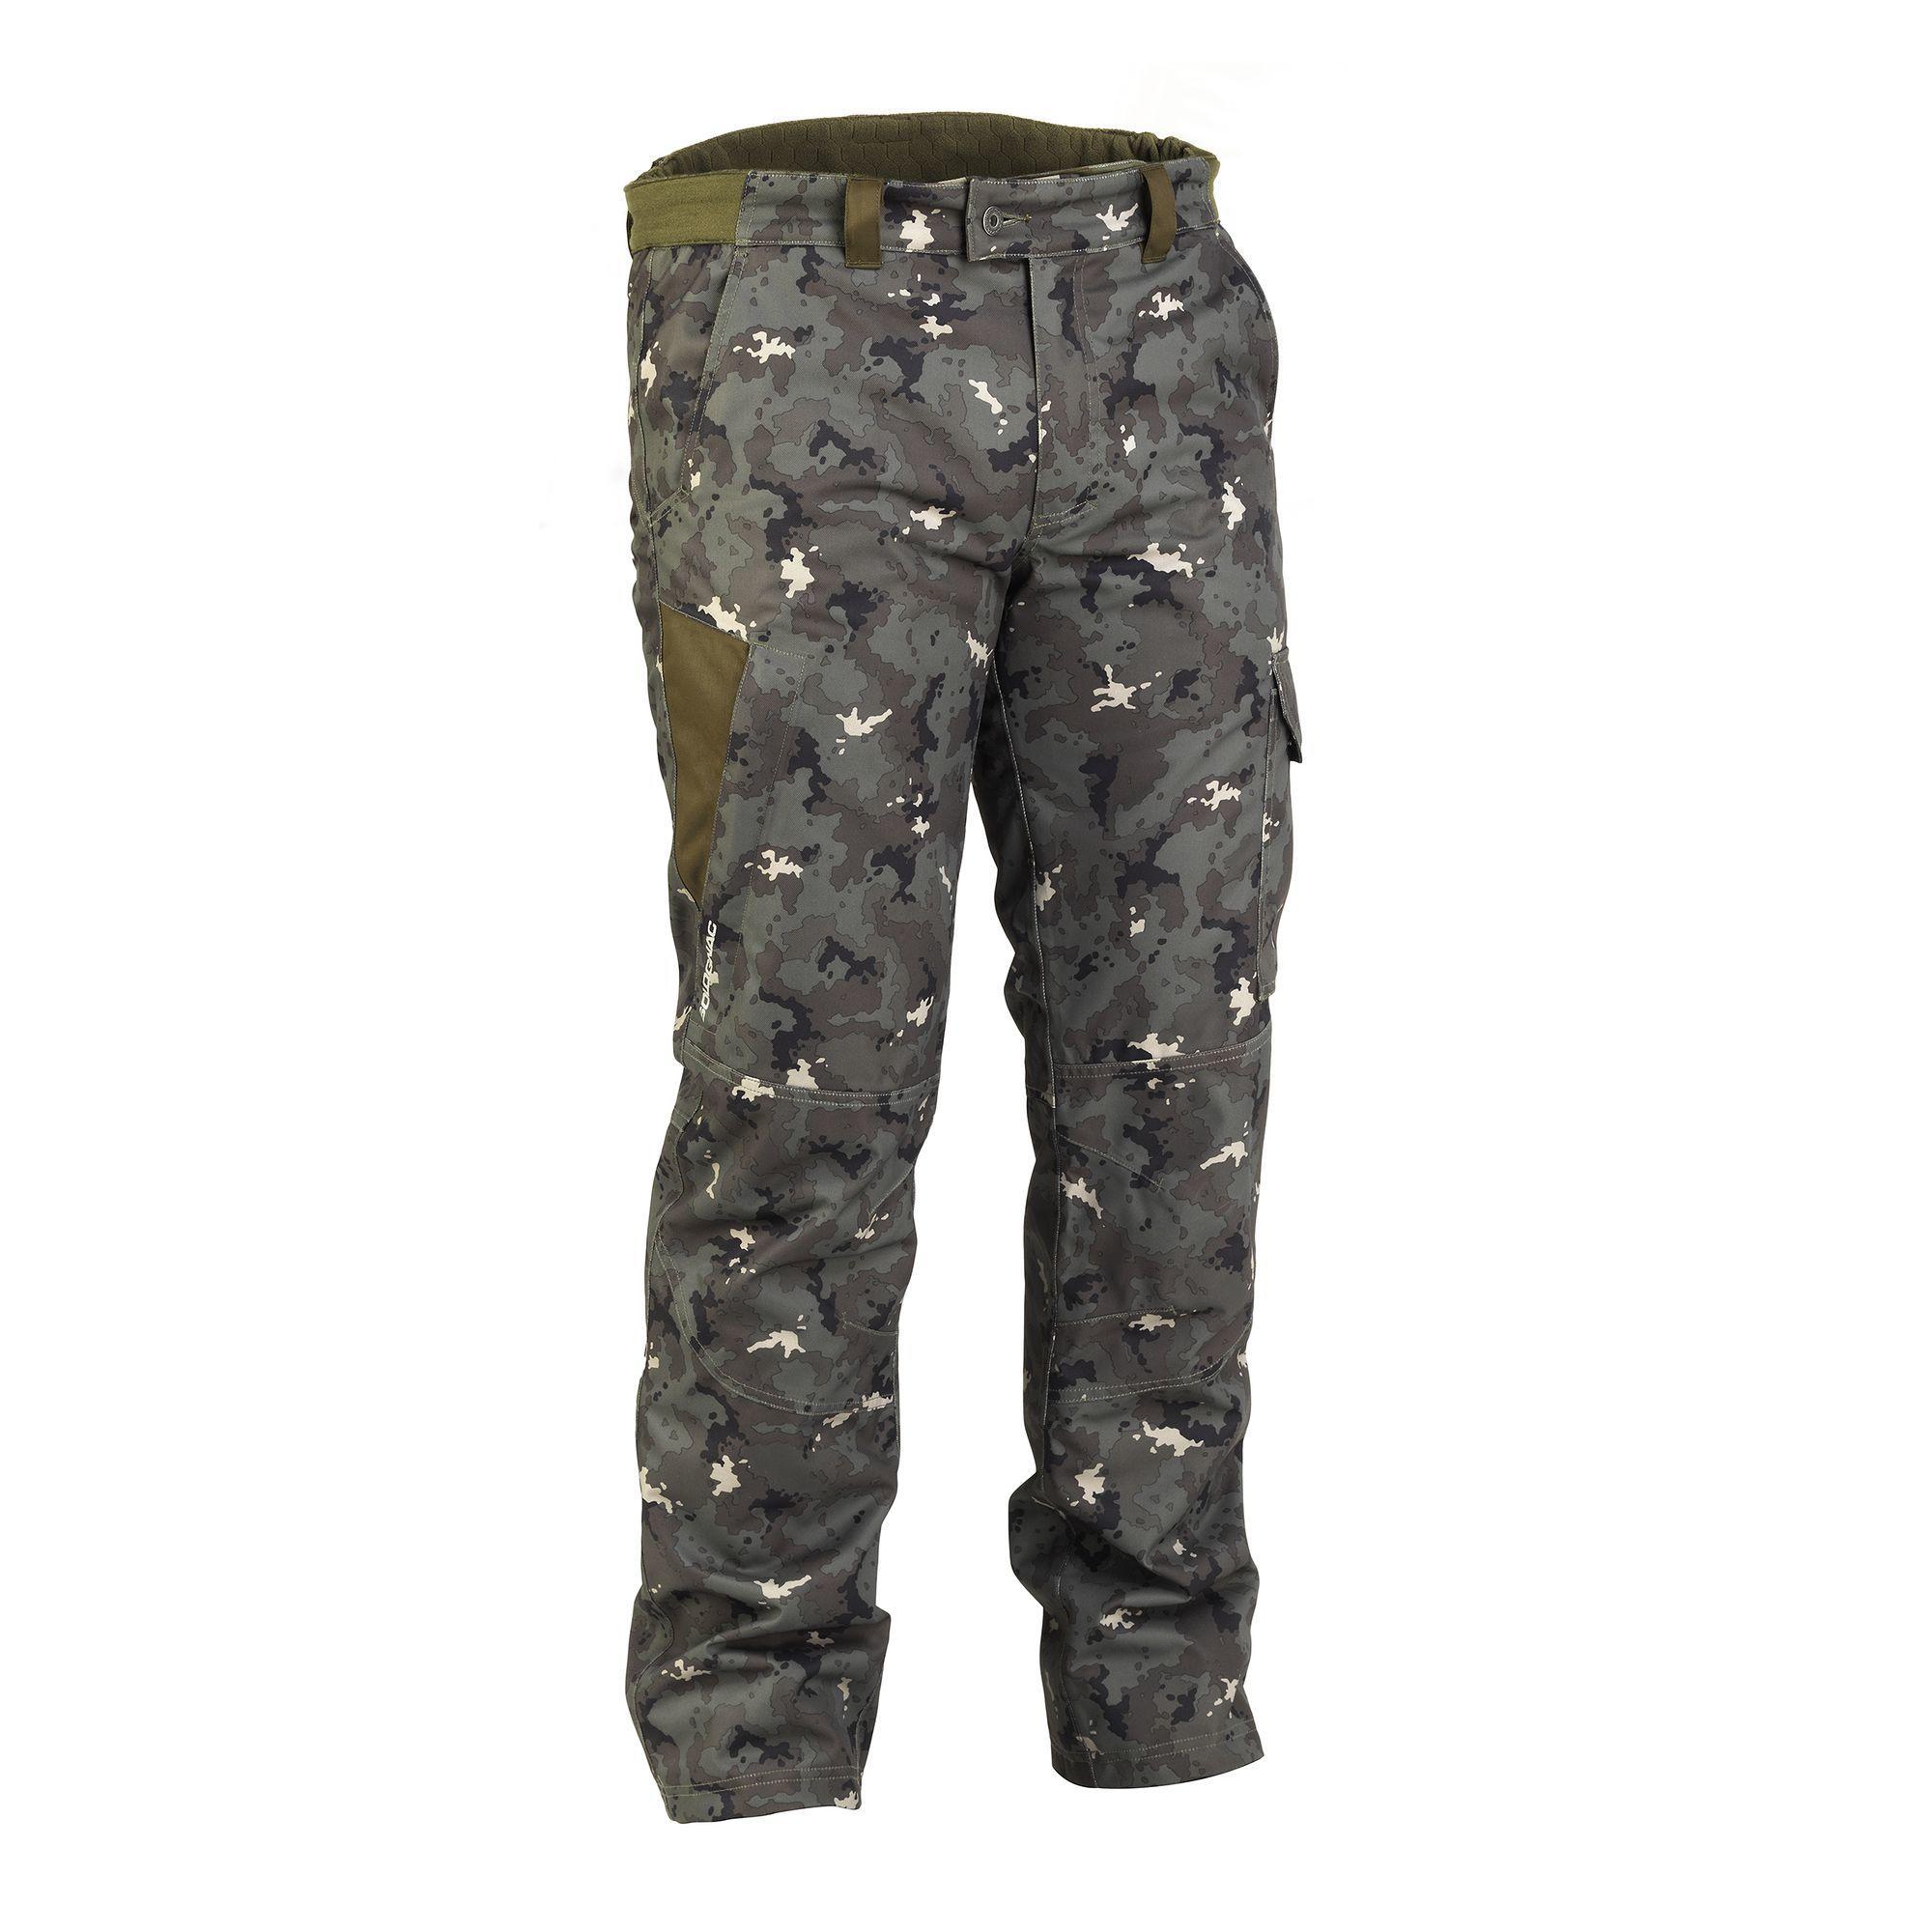 Solognac Warme waterdichte broek voor de jacht 500